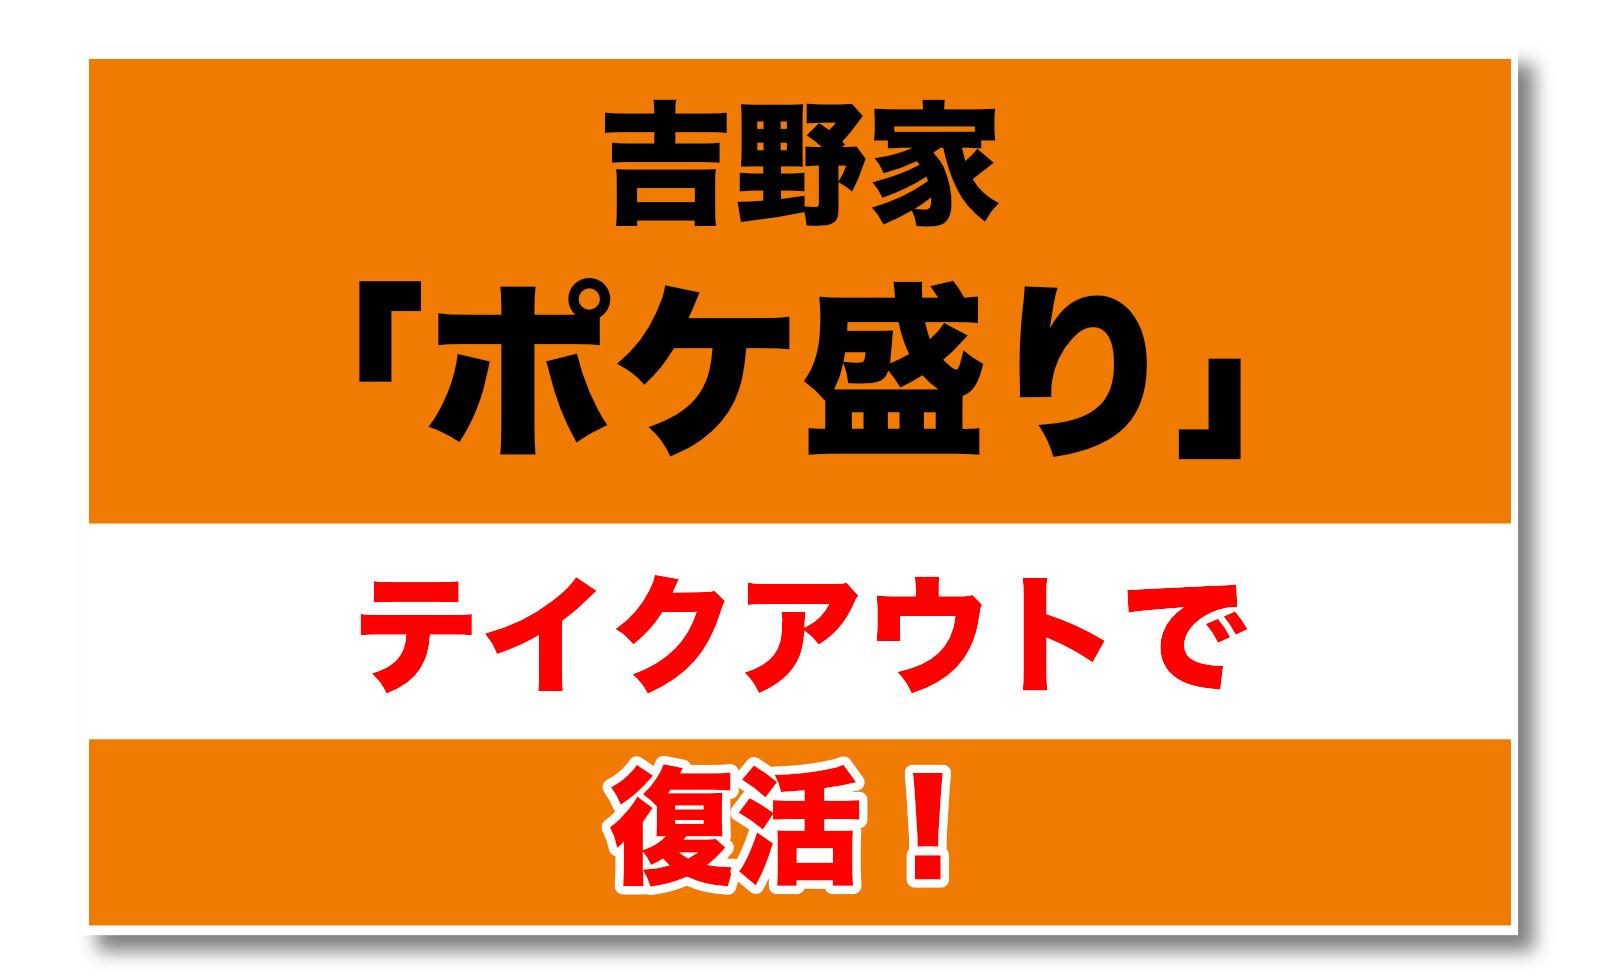 吉野家 ポケモン フィギュア